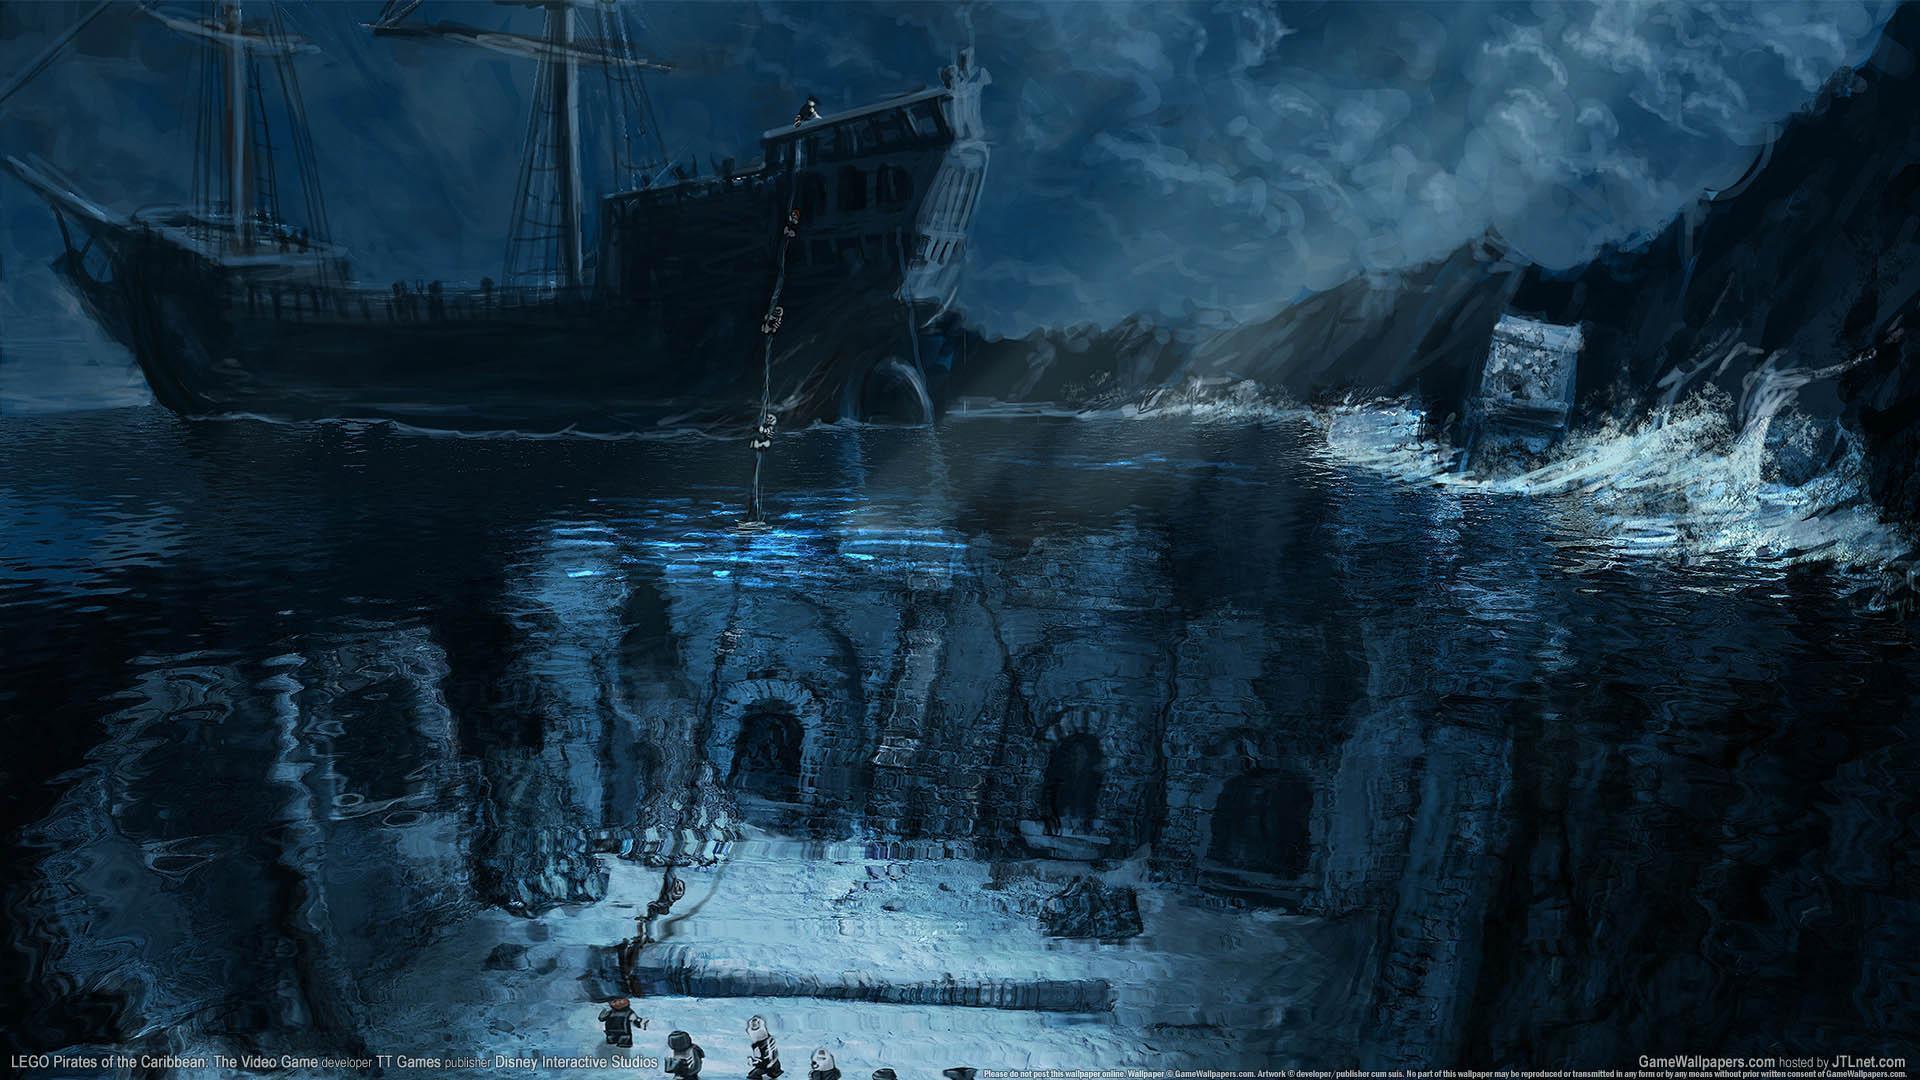 bateau pirate wallpaper - photo #30